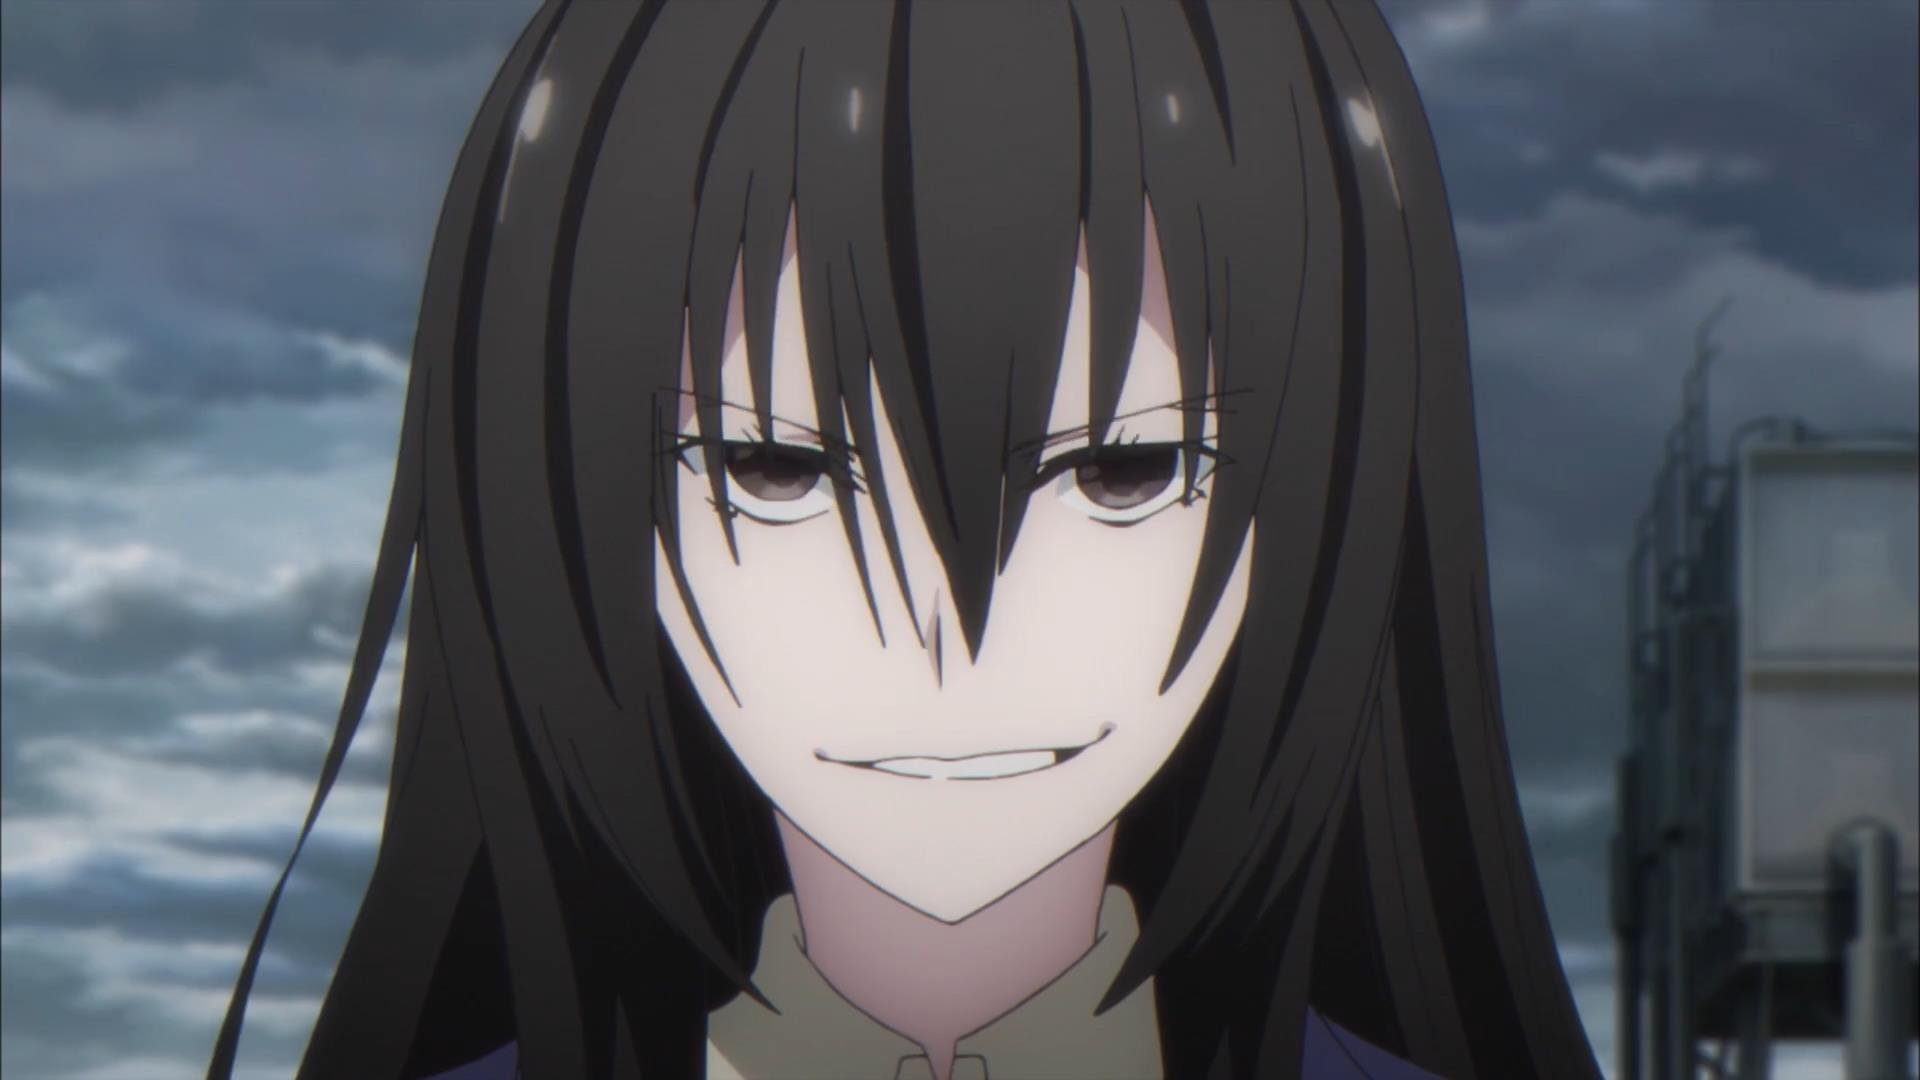 Pin De Ivana Suryono Em Armed Girl S Machiavellism Personagens De Anime Garotos Anime Anime